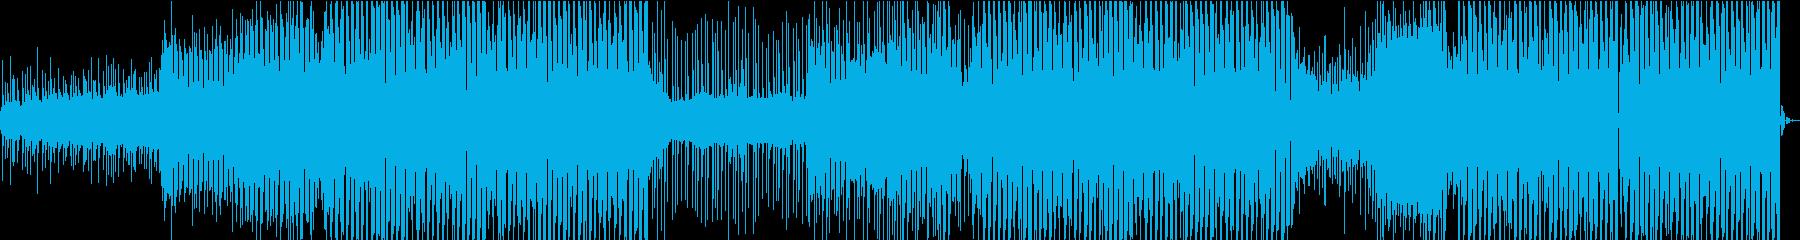 夏 スタイリッシュ 爽やか EDMの再生済みの波形